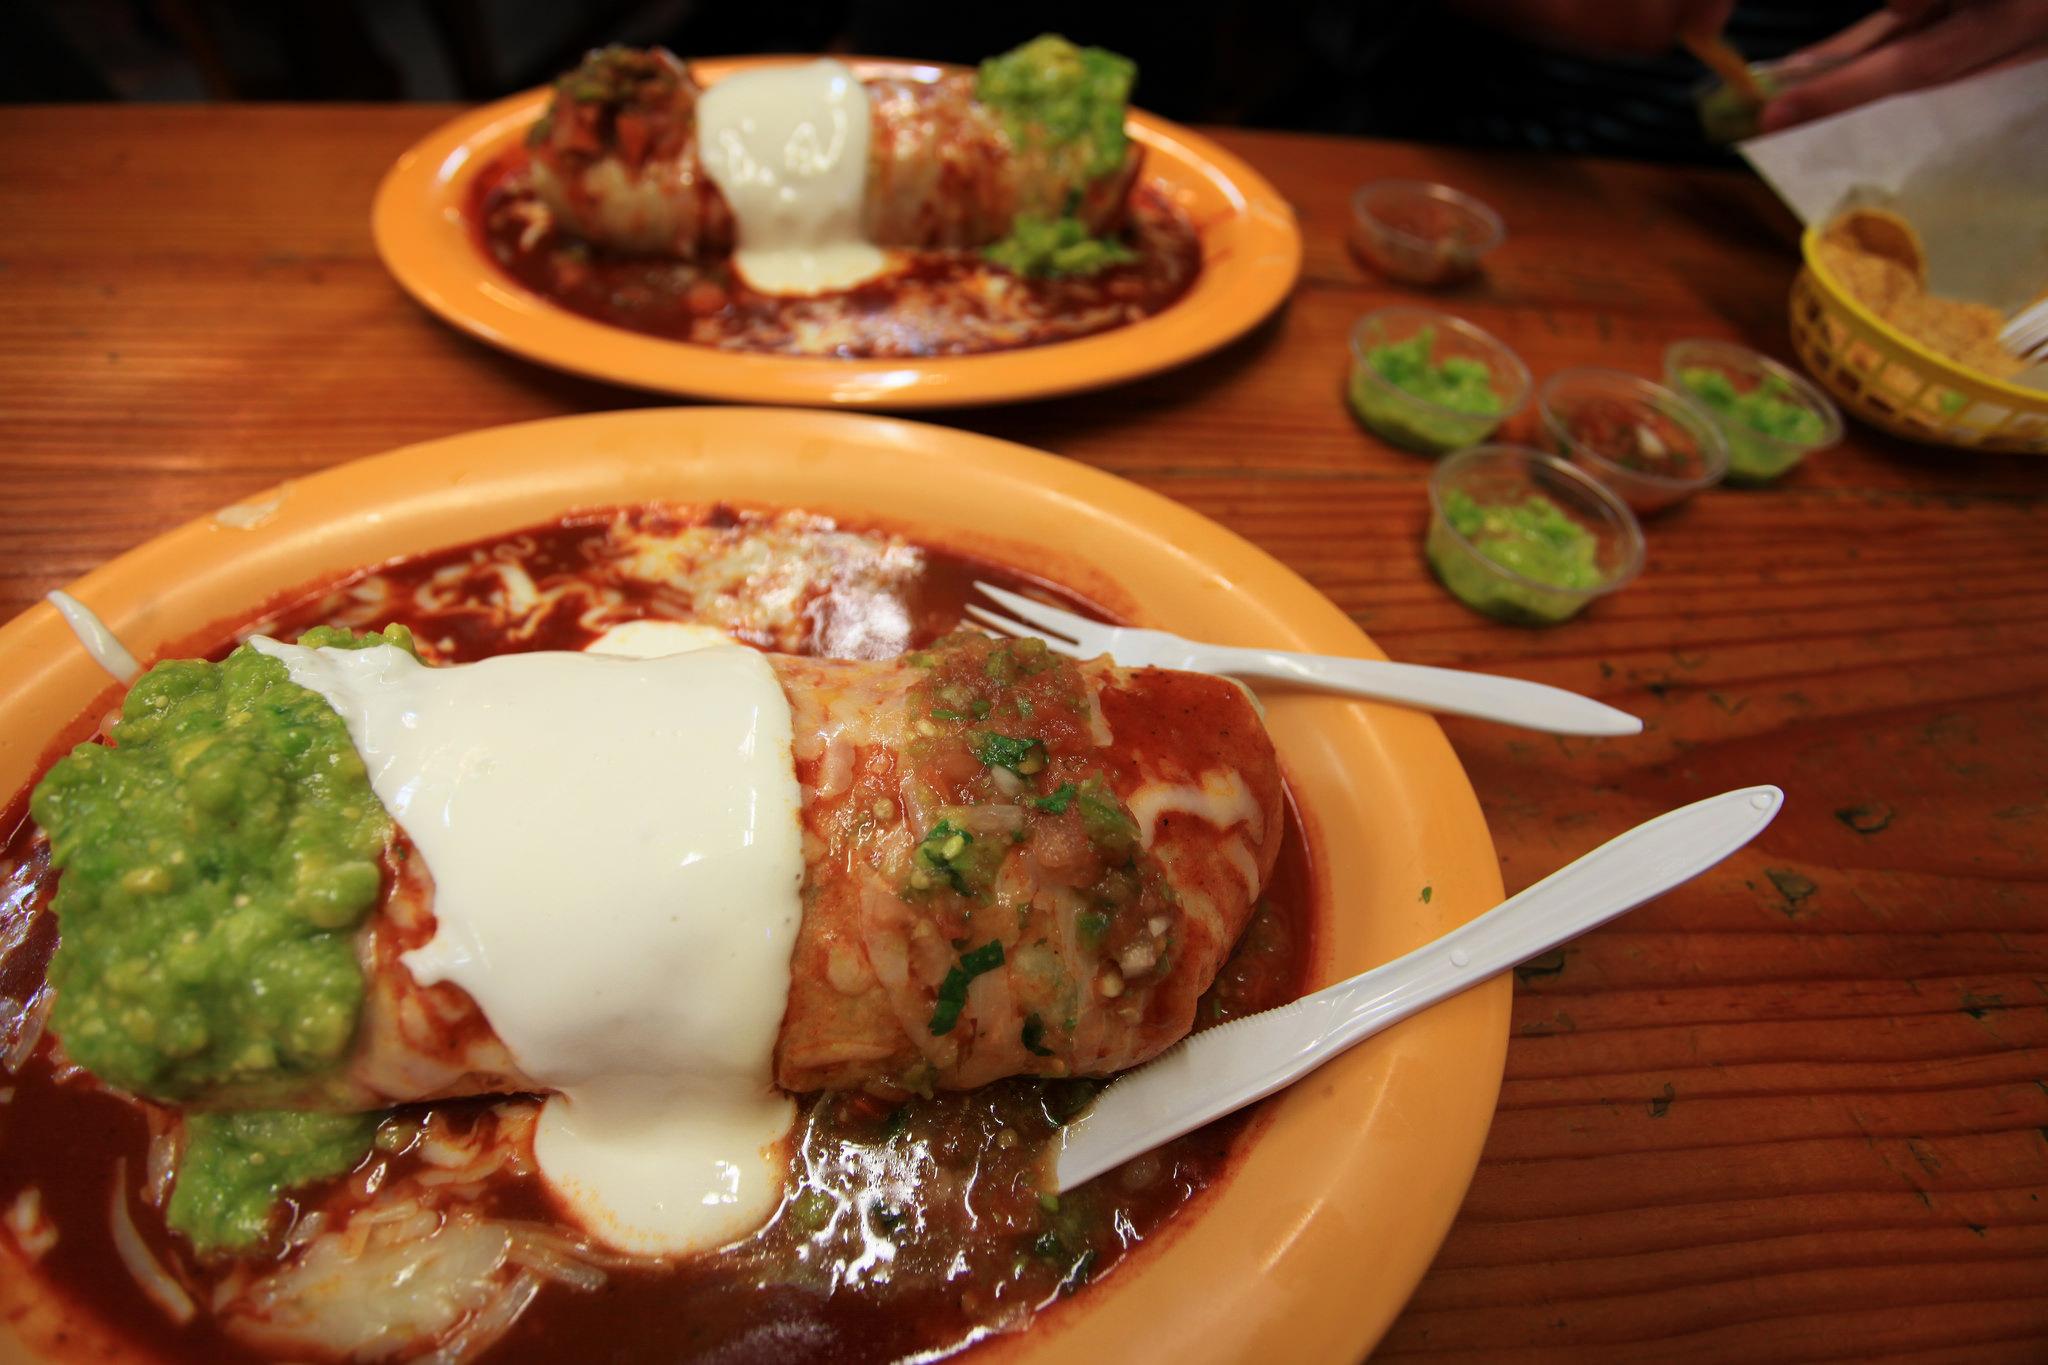 Cancun burrito © Evan Blaser/Flickr